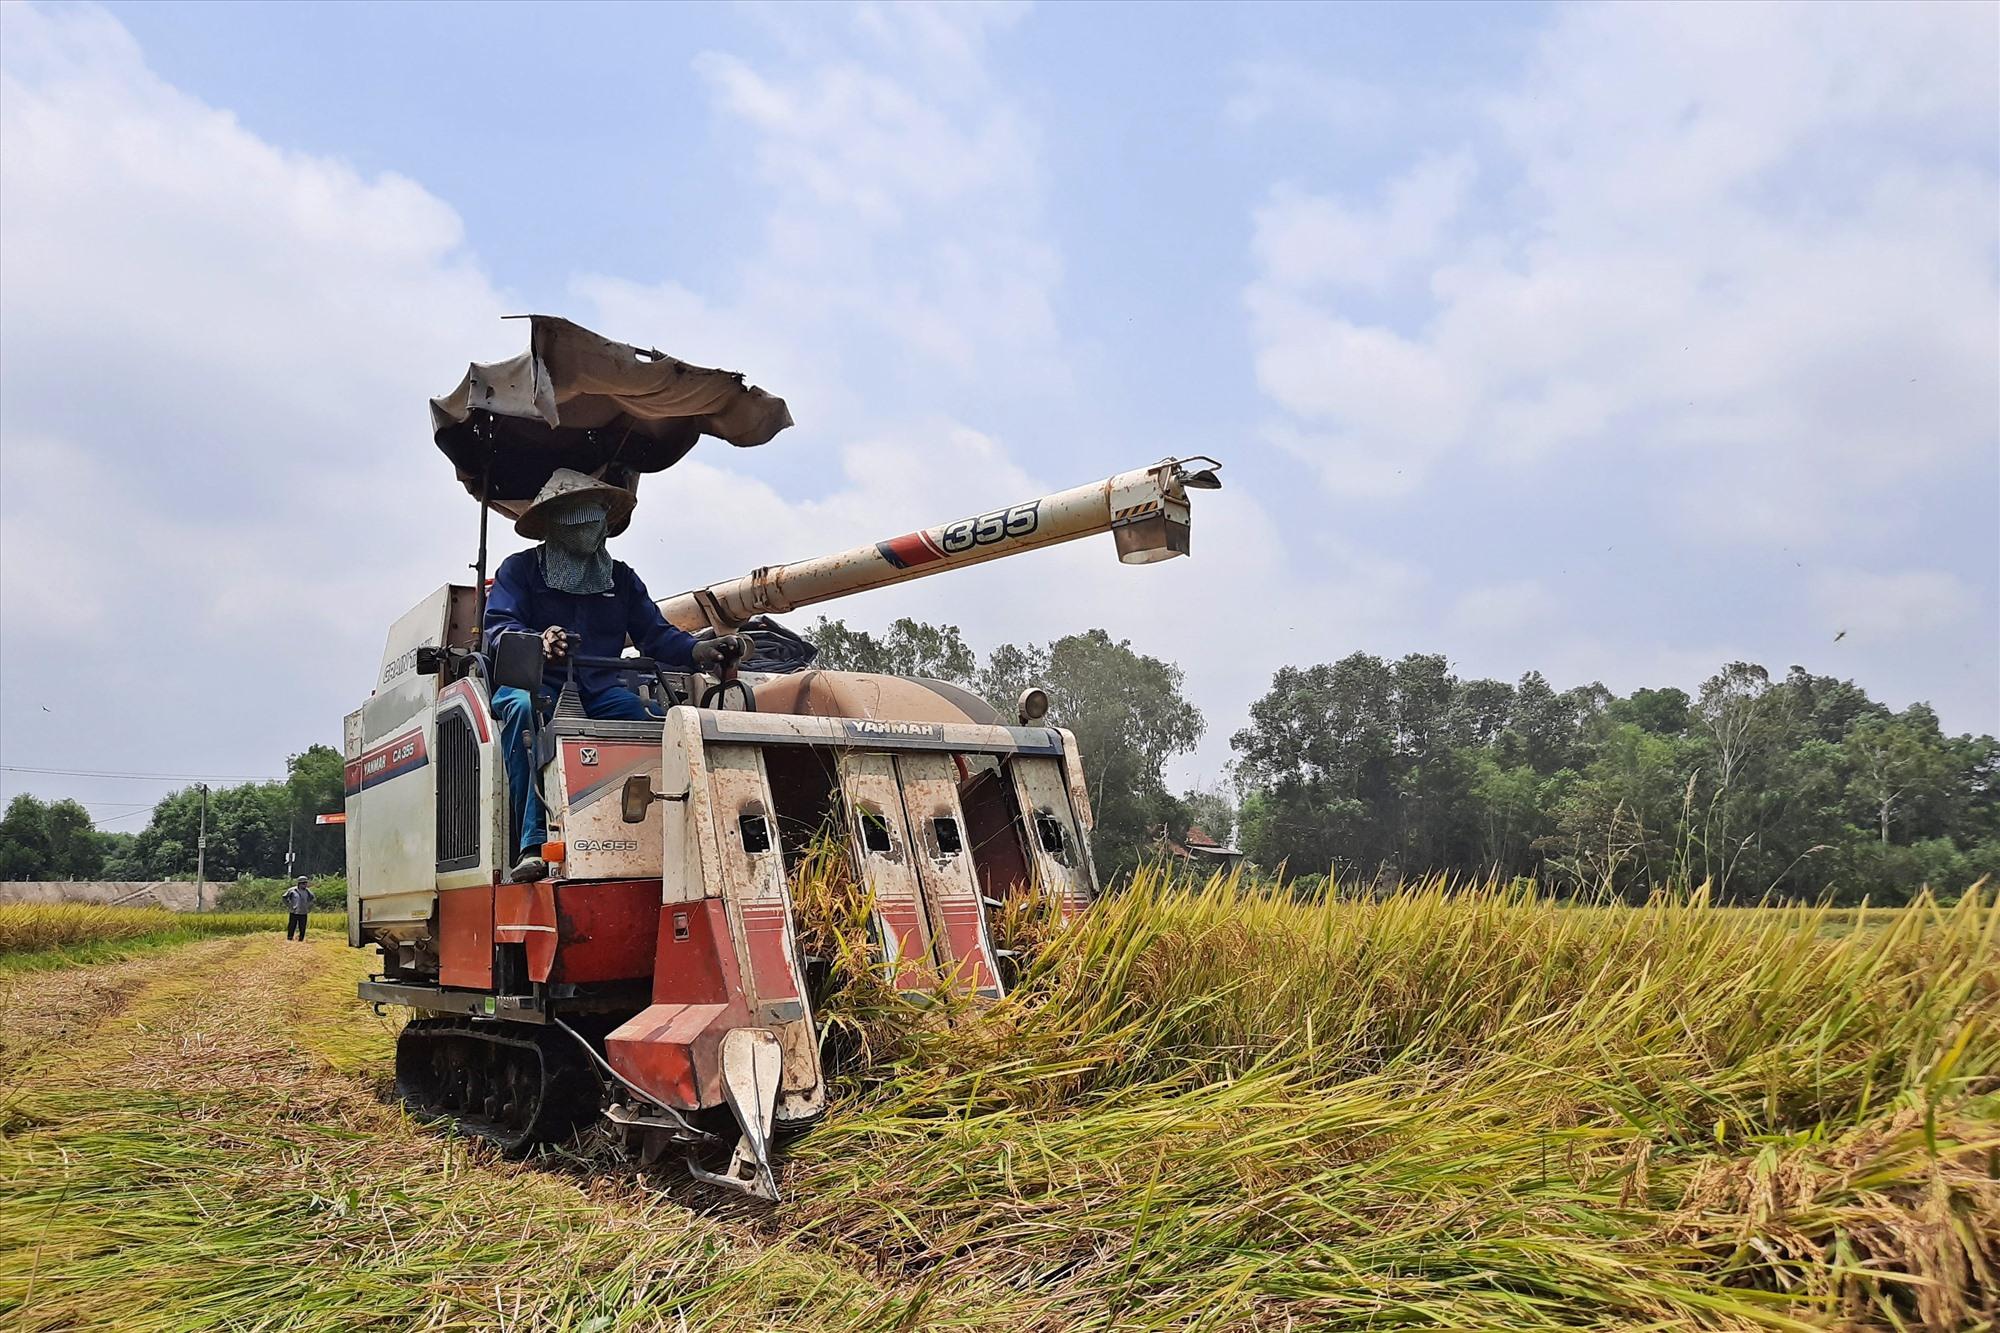 Những năm gần đây, giá trị sản xuất nông nghiệp của Phú Ninh tăng nhờ vào định hướng đầu tư sản xuất bền vững. Ảnh: H.Đ